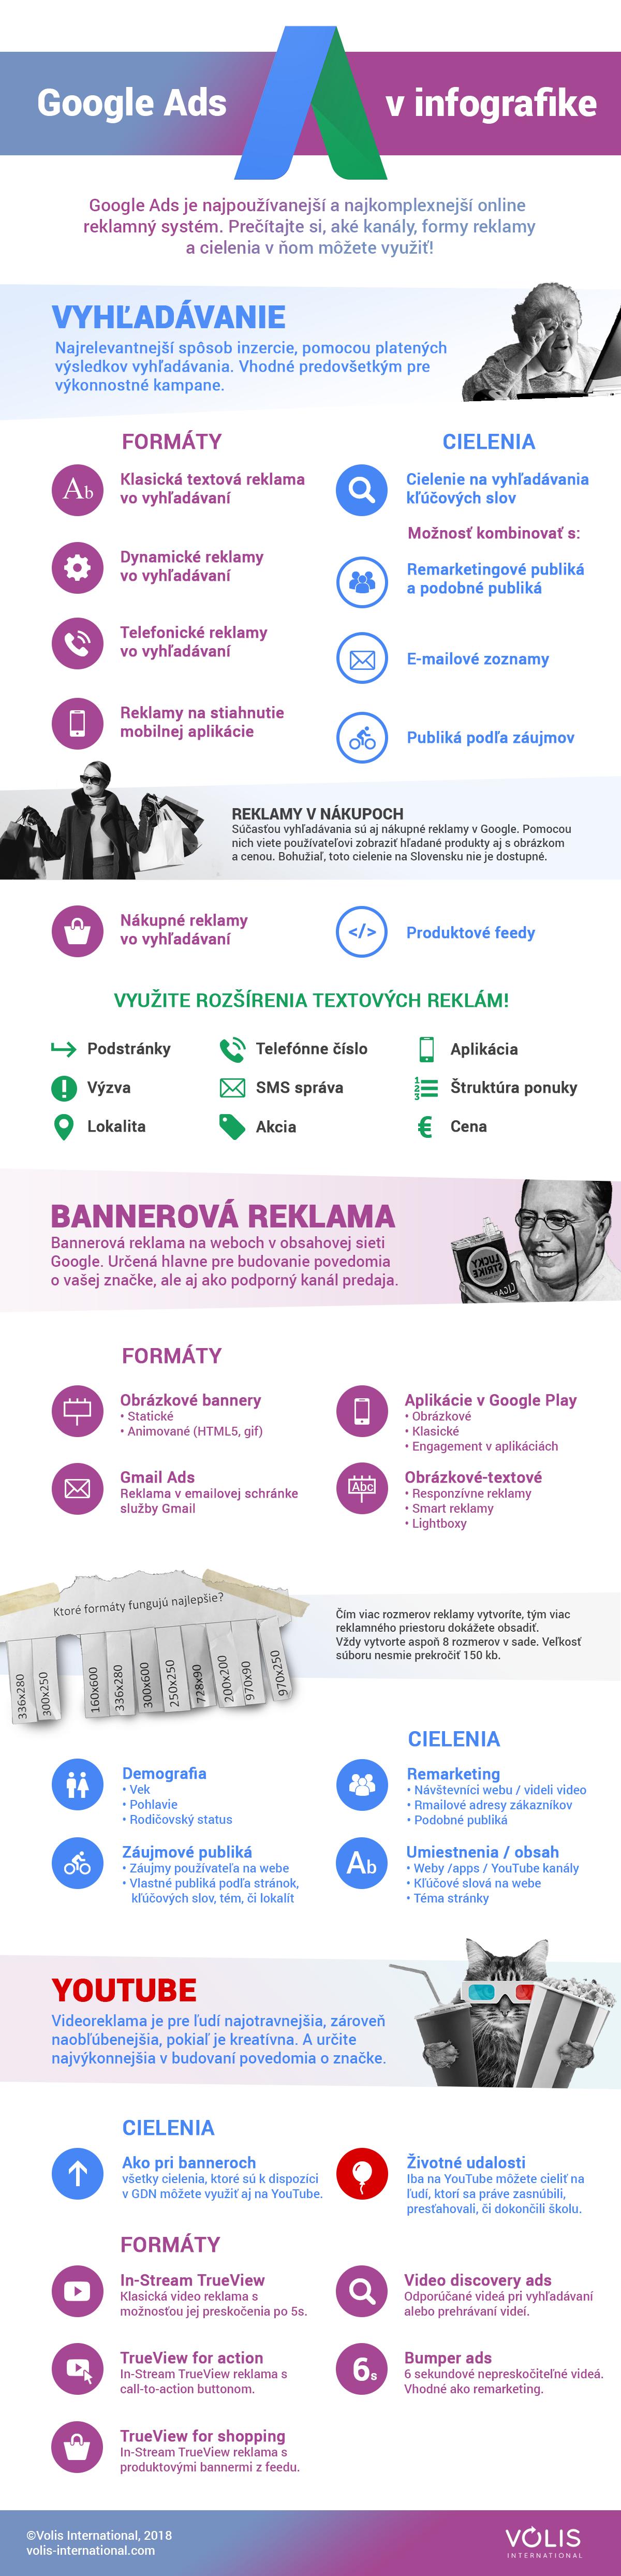 Google Ads v infografike: Formáty a cielenia